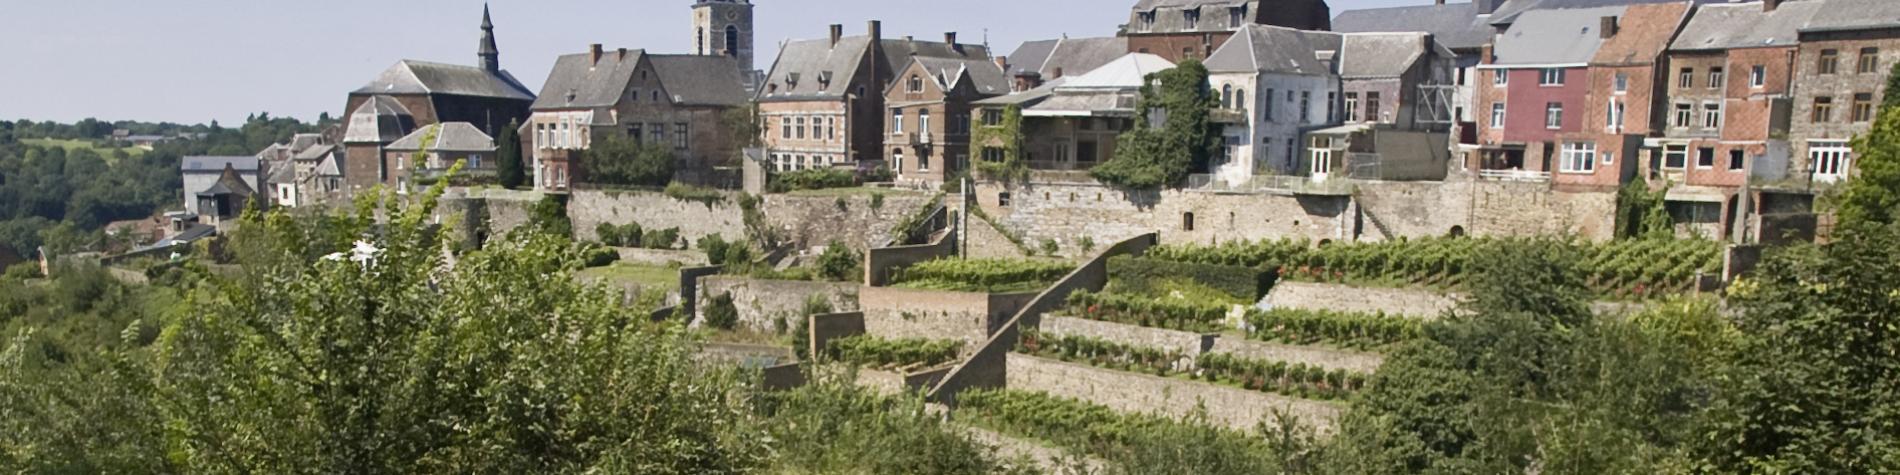 Thuin - Jardins suspendus - remparts